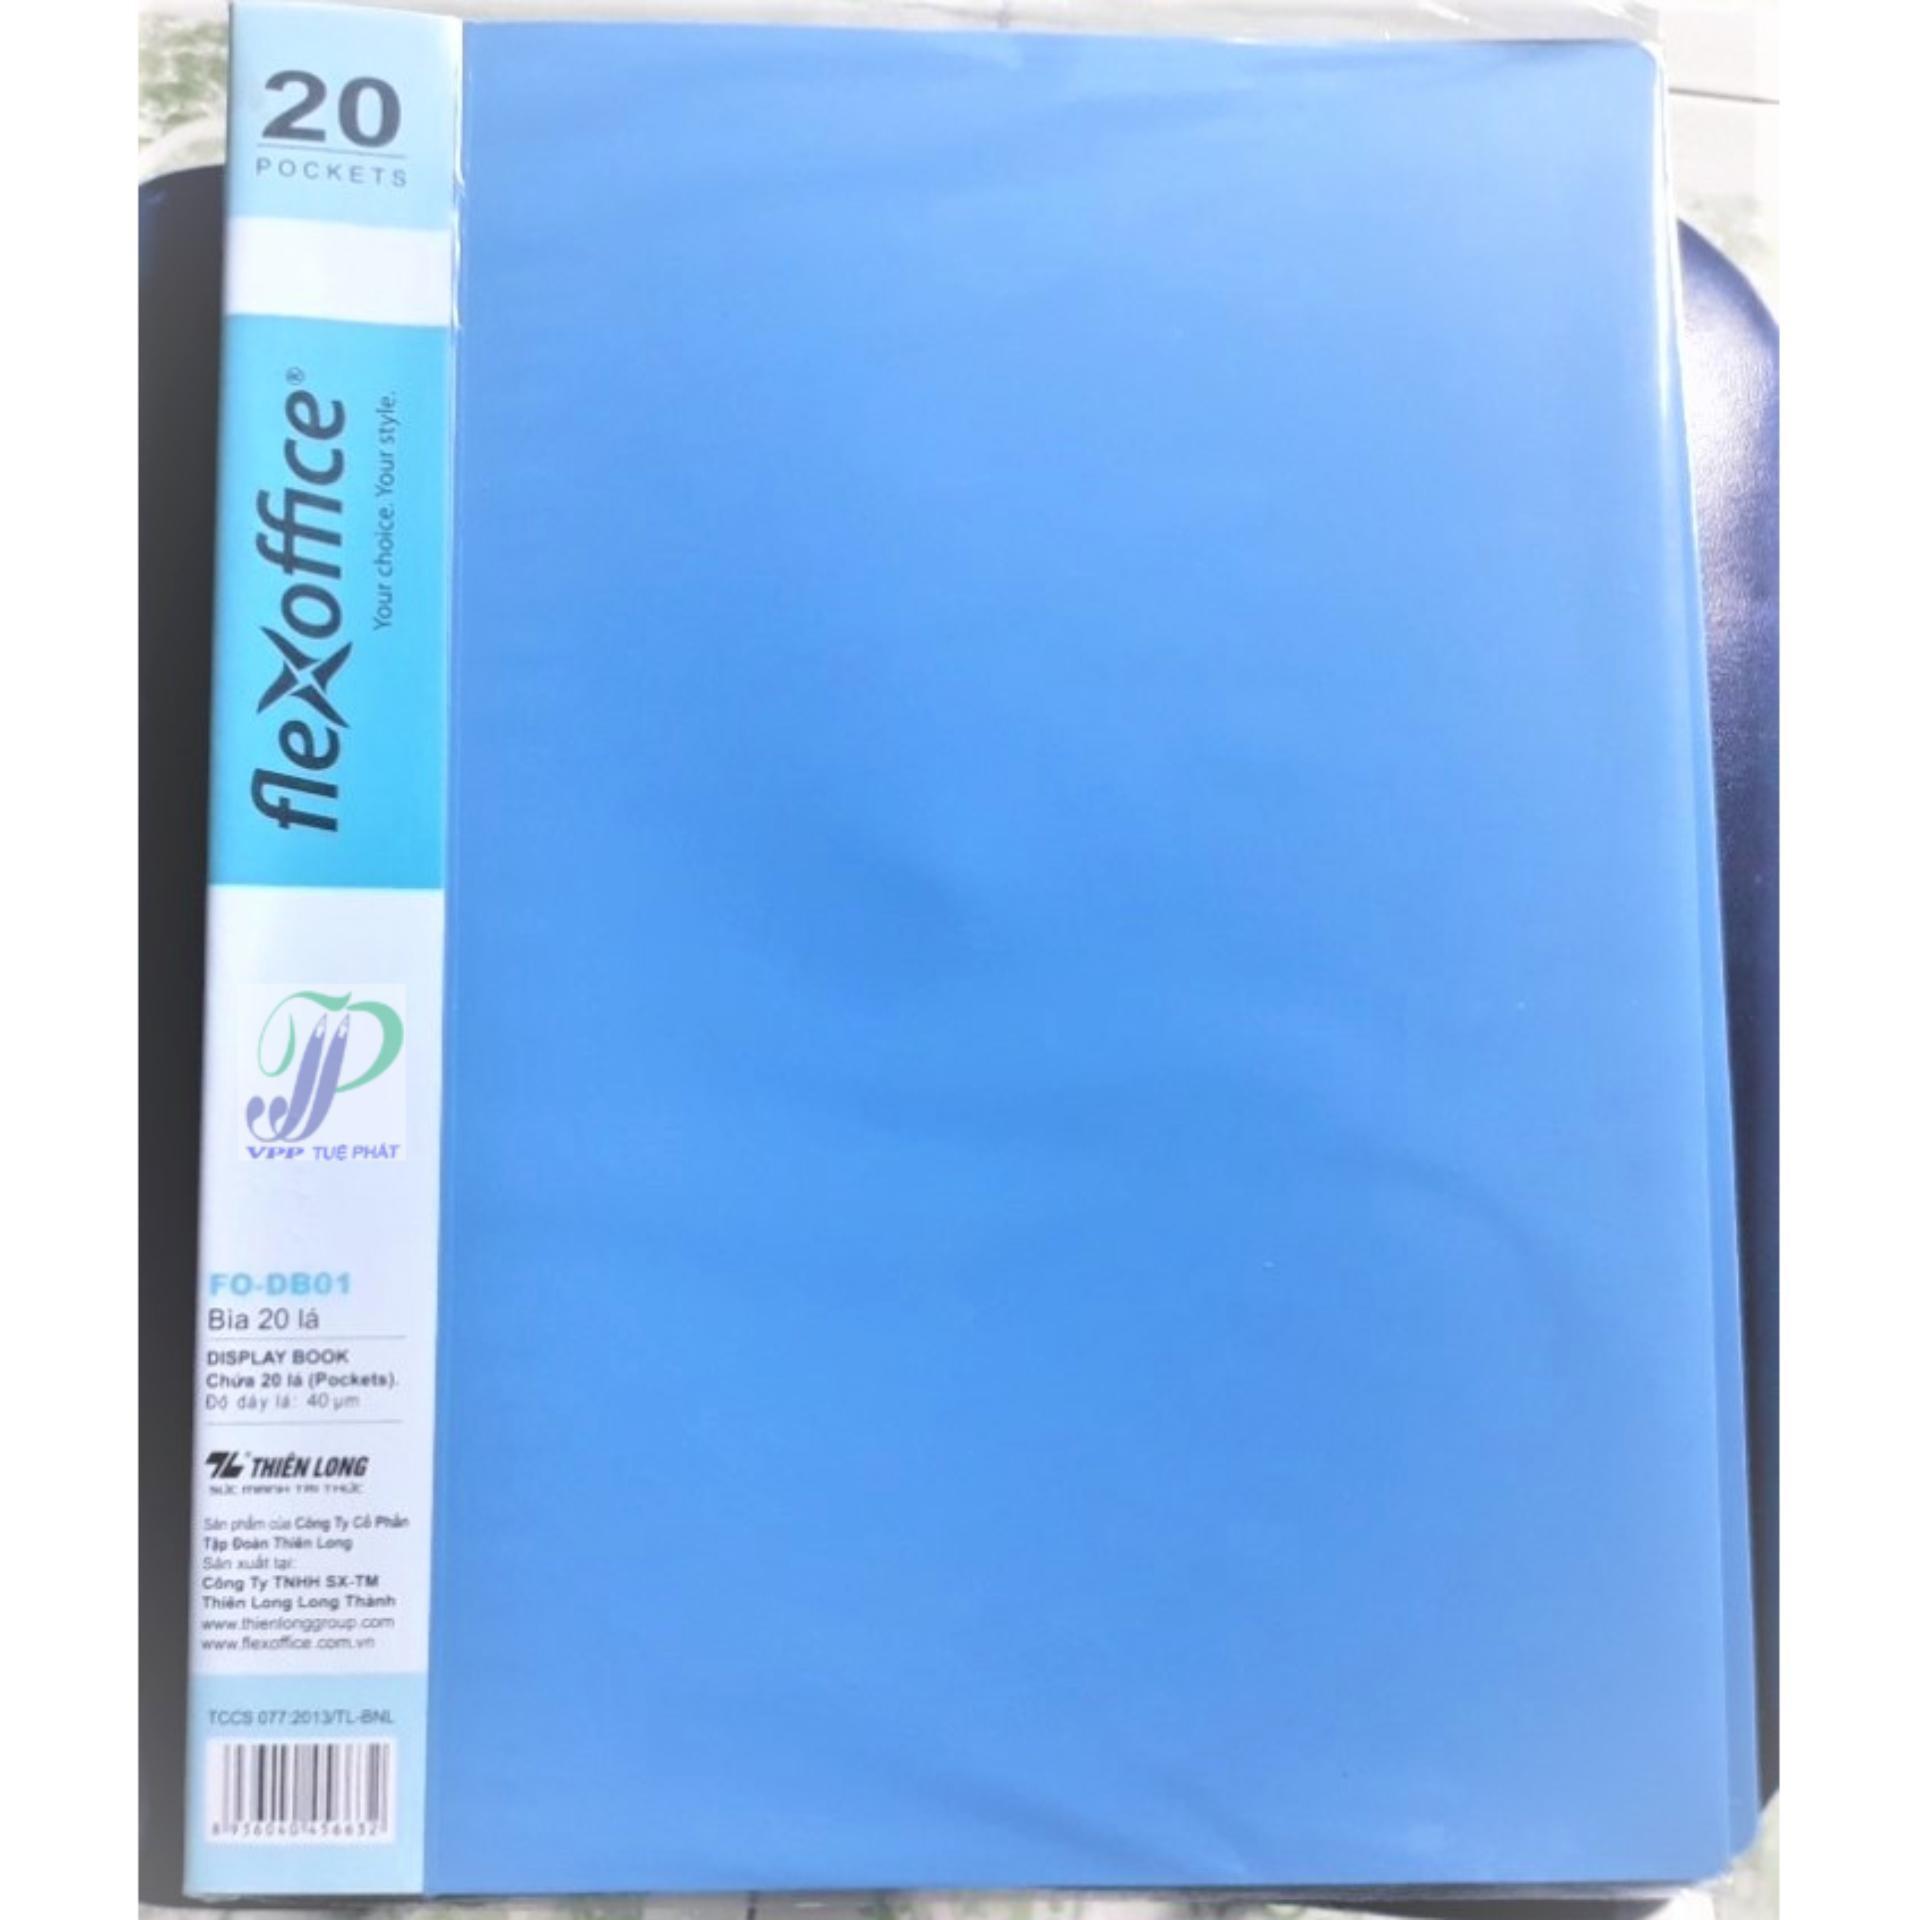 Mua Bìa nhựa 20-40-60-80-100 lá Thiên Long FO DB